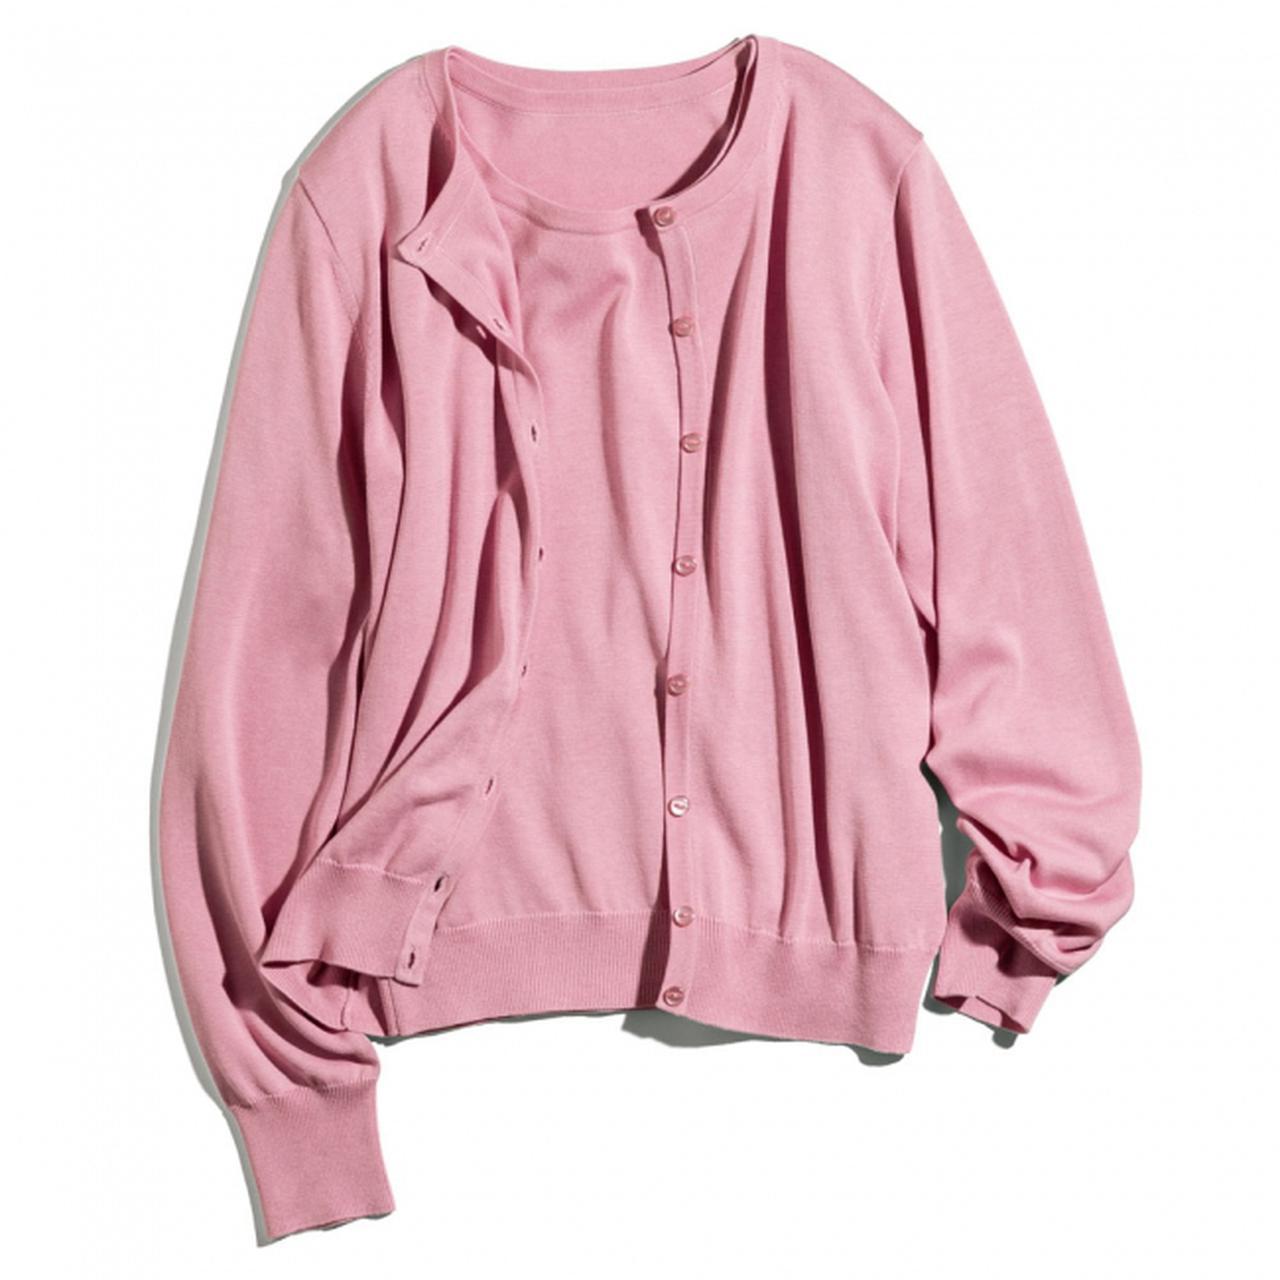 画像4: ディノスのファッションブランド『So close, (ソー クロース,) 』より、2020夏コレクションが新発売